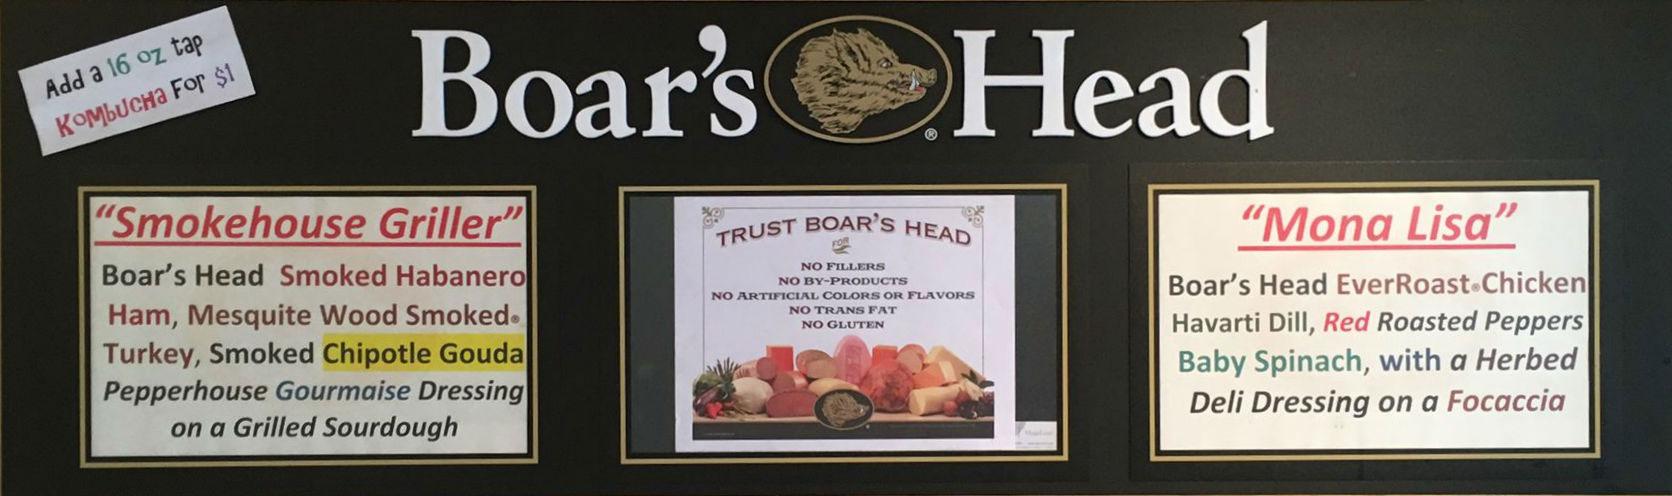 Boar's Head Options